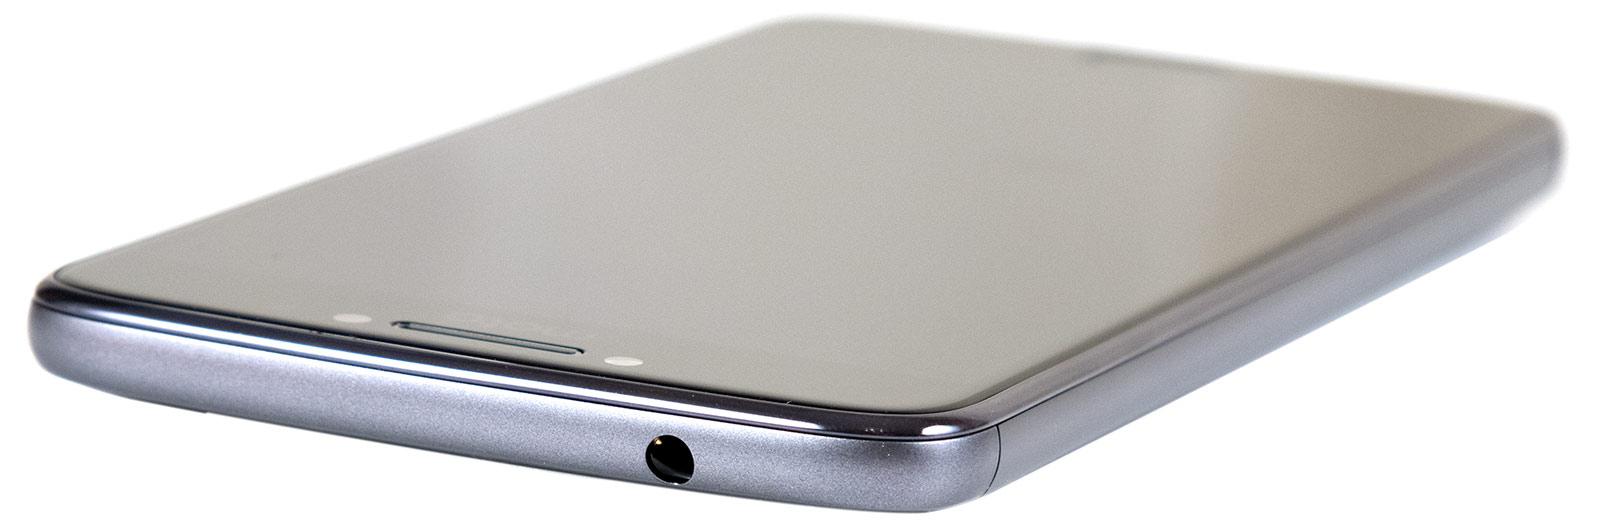 Обзор смартфона Moto E Plus: 5000 мАч в тонком корпусе - 8